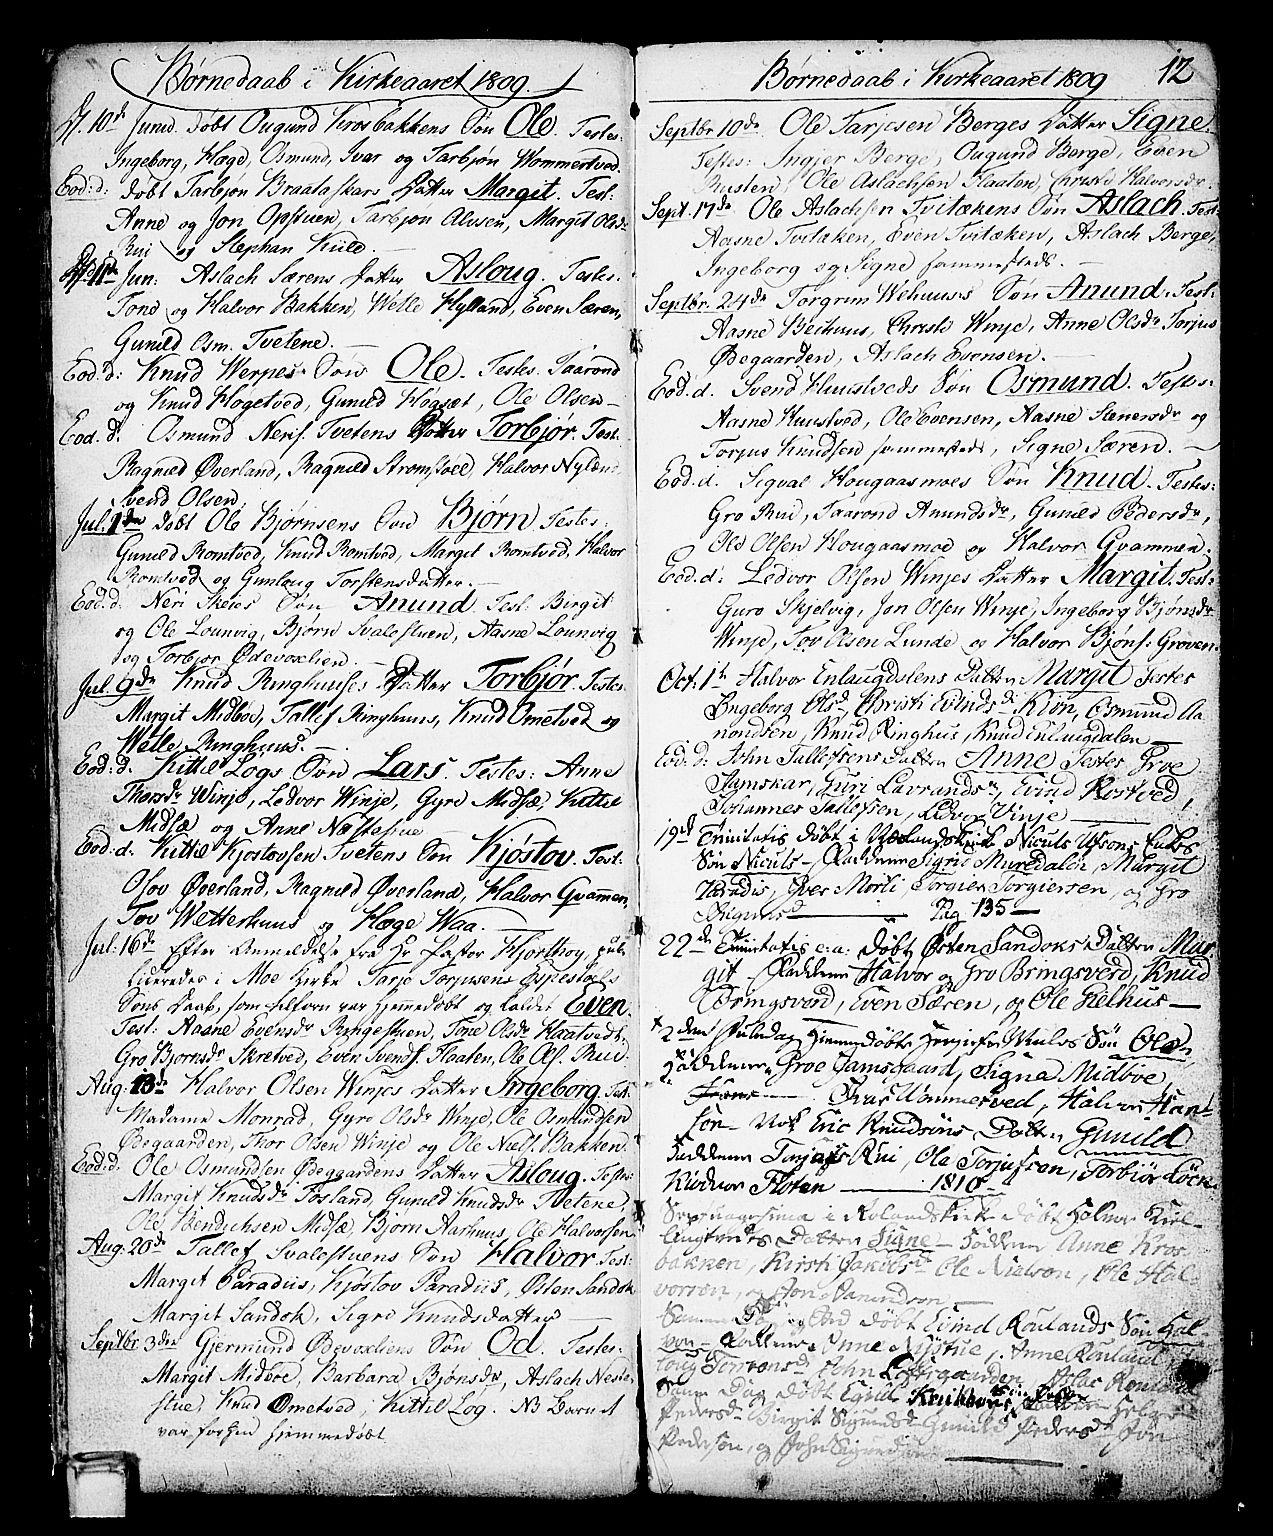 SAKO, Vinje kirkebøker, F/Fa/L0002: Ministerialbok nr. I 2, 1767-1814, s. 12